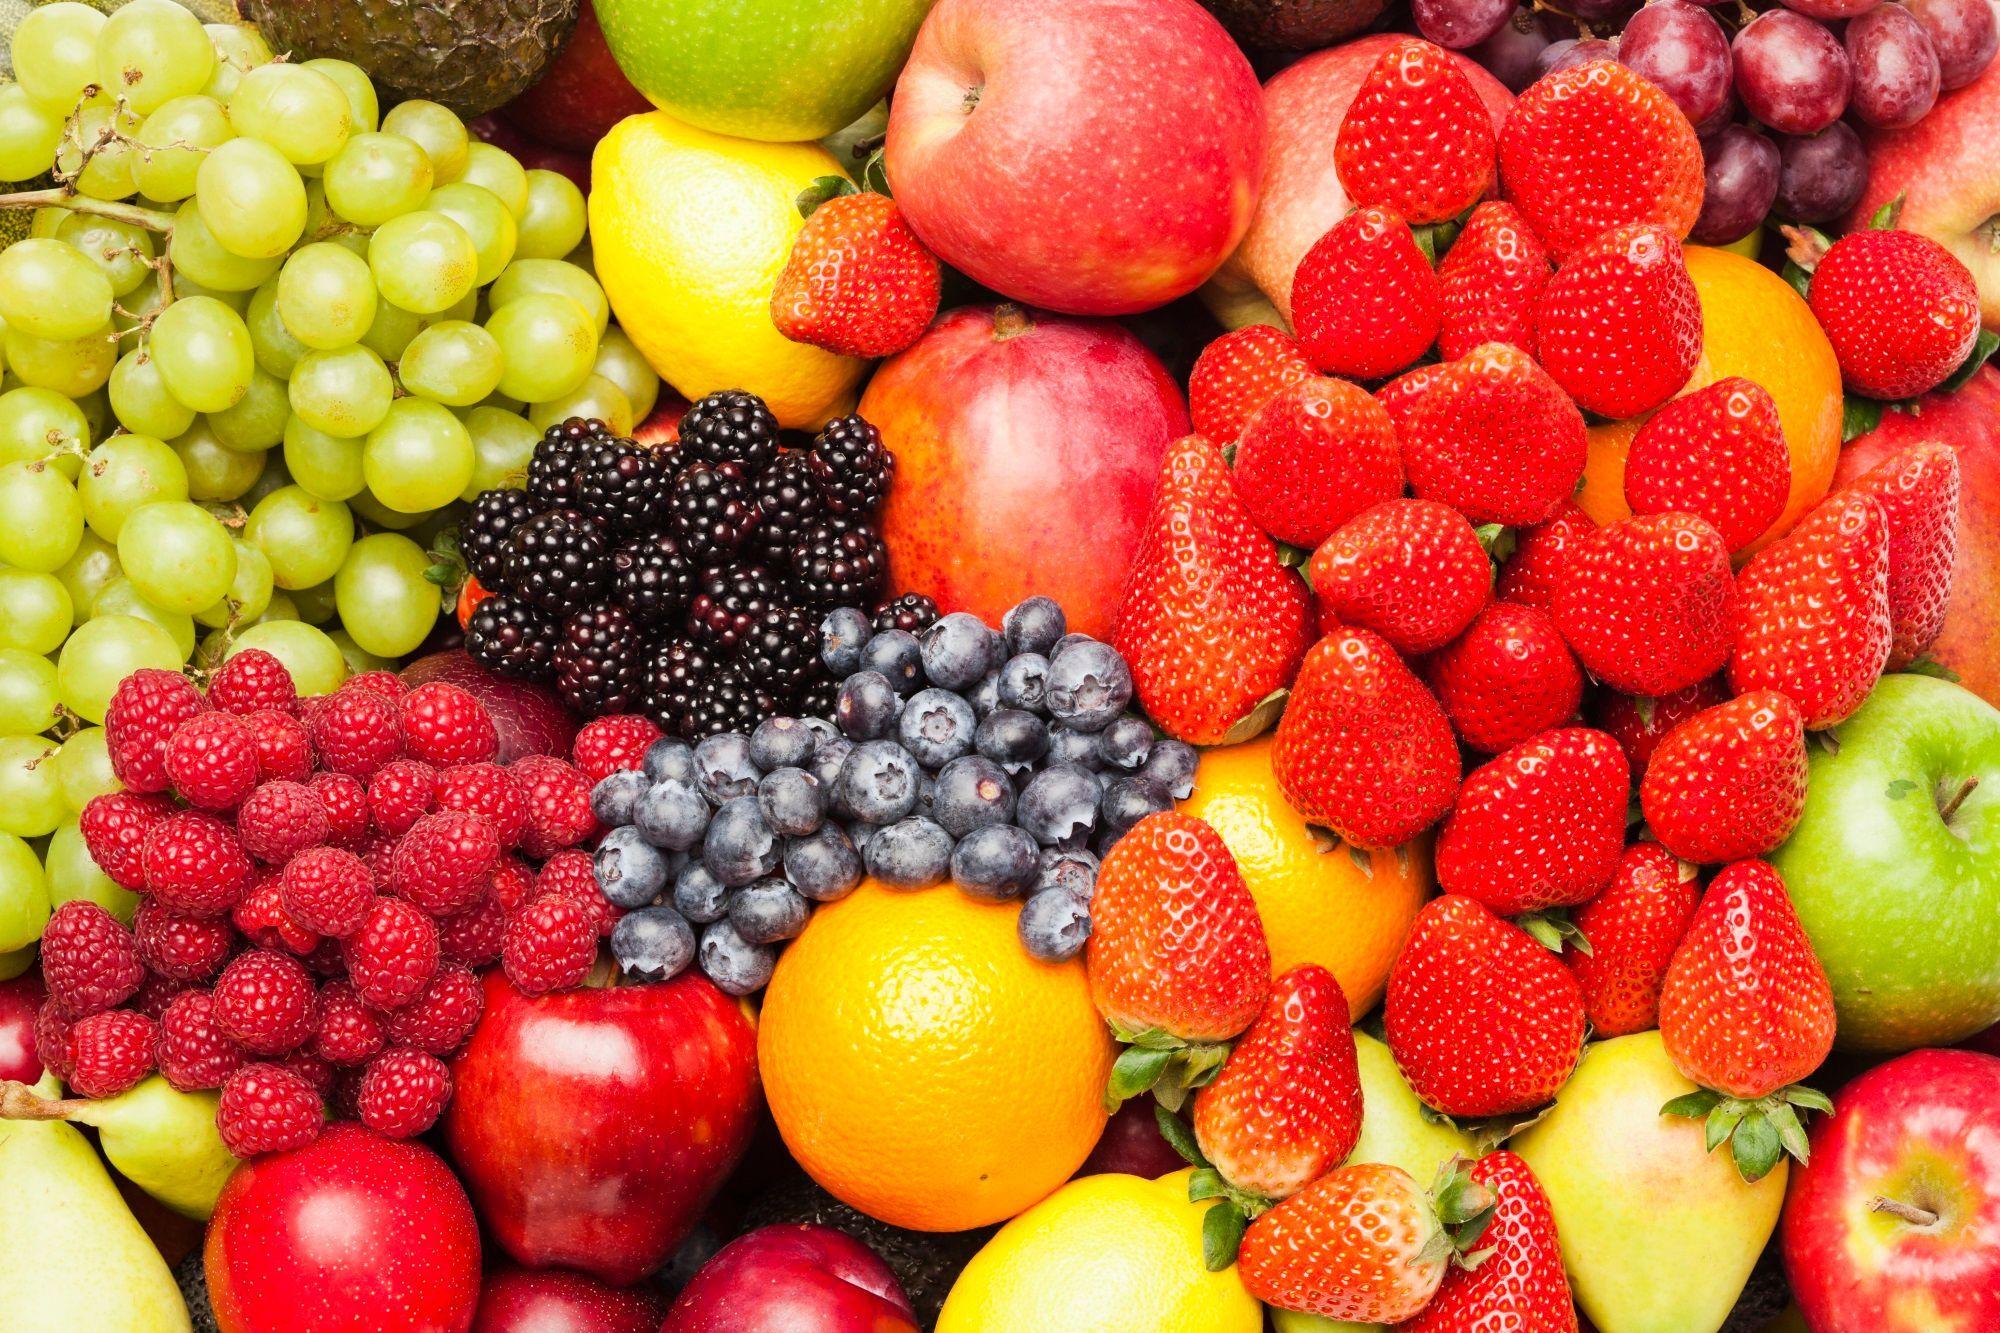 régime végétalien pour perdre des recettes de poids